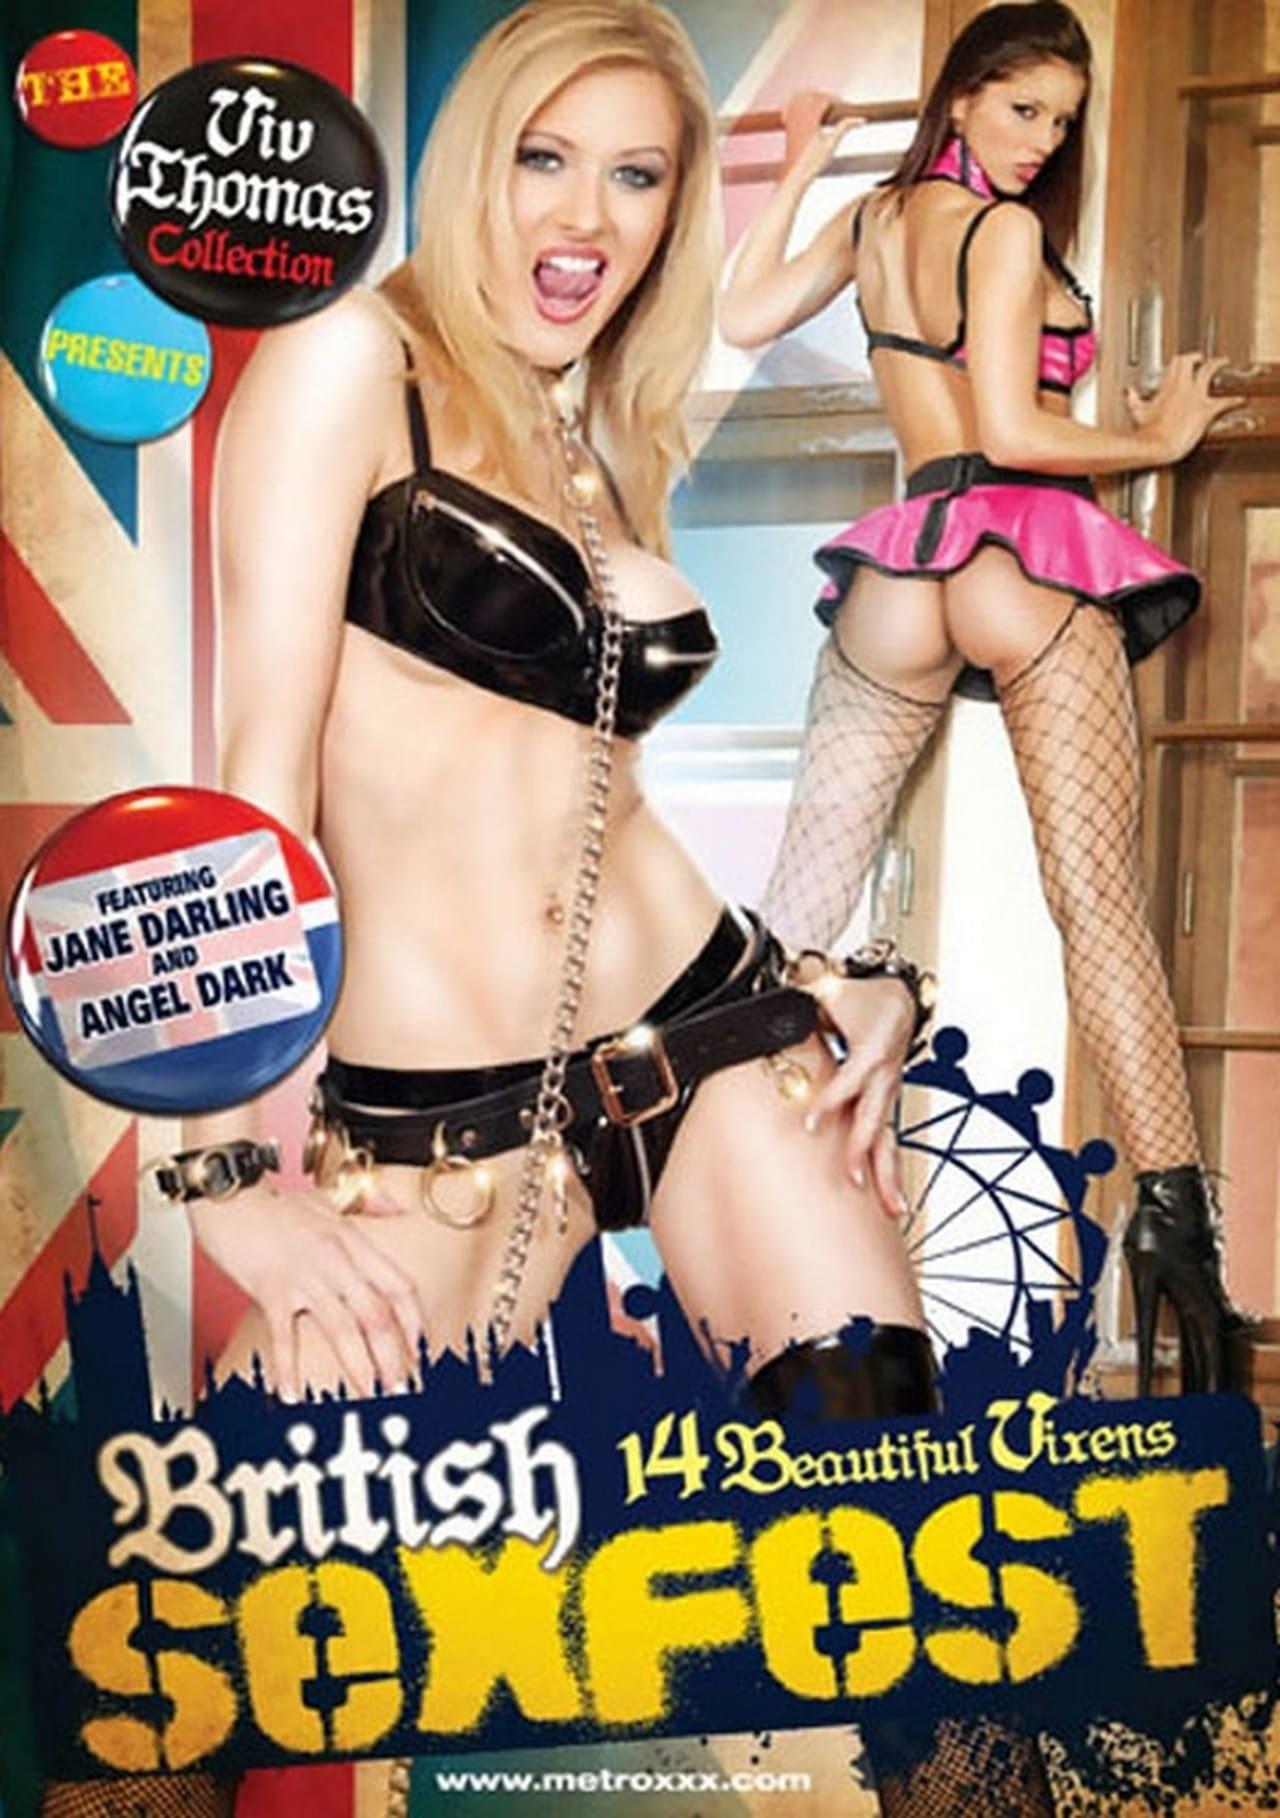 British Sexfest